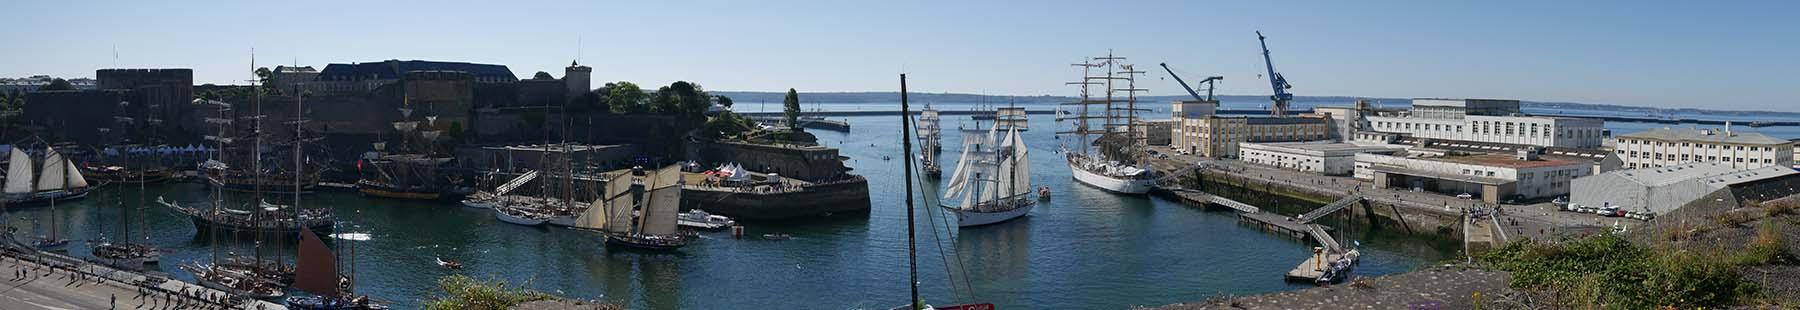 Excursion marine à Brest